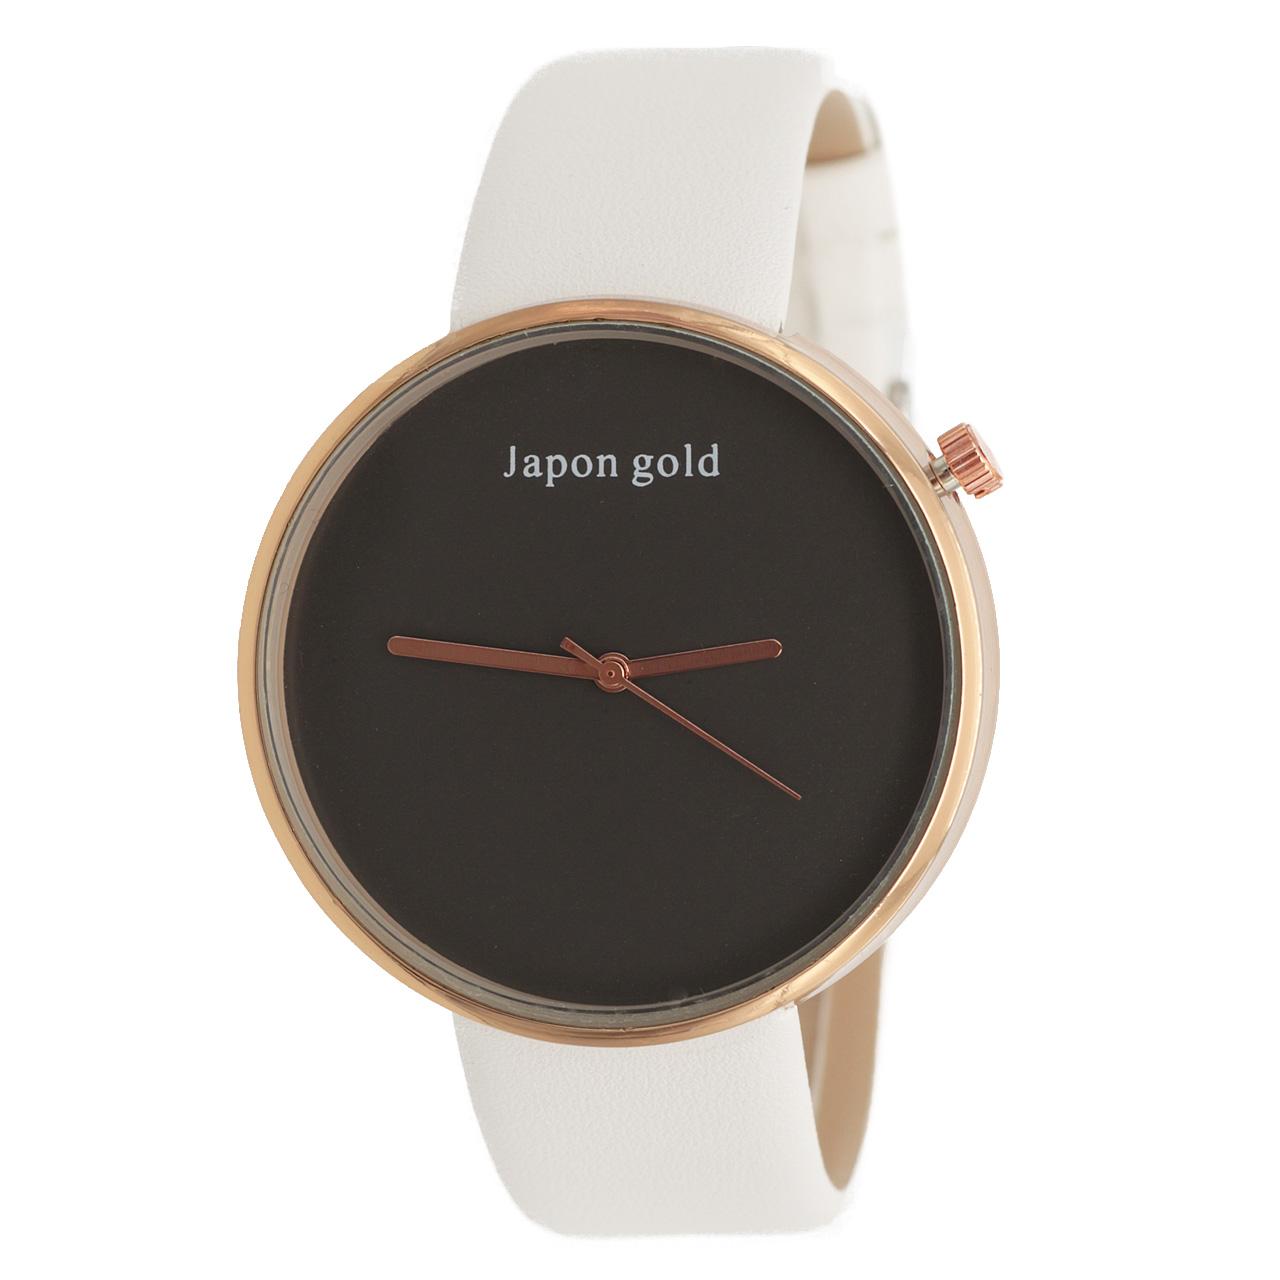 ساعت مچی عقربه ای مدیسون مدل G4167-1